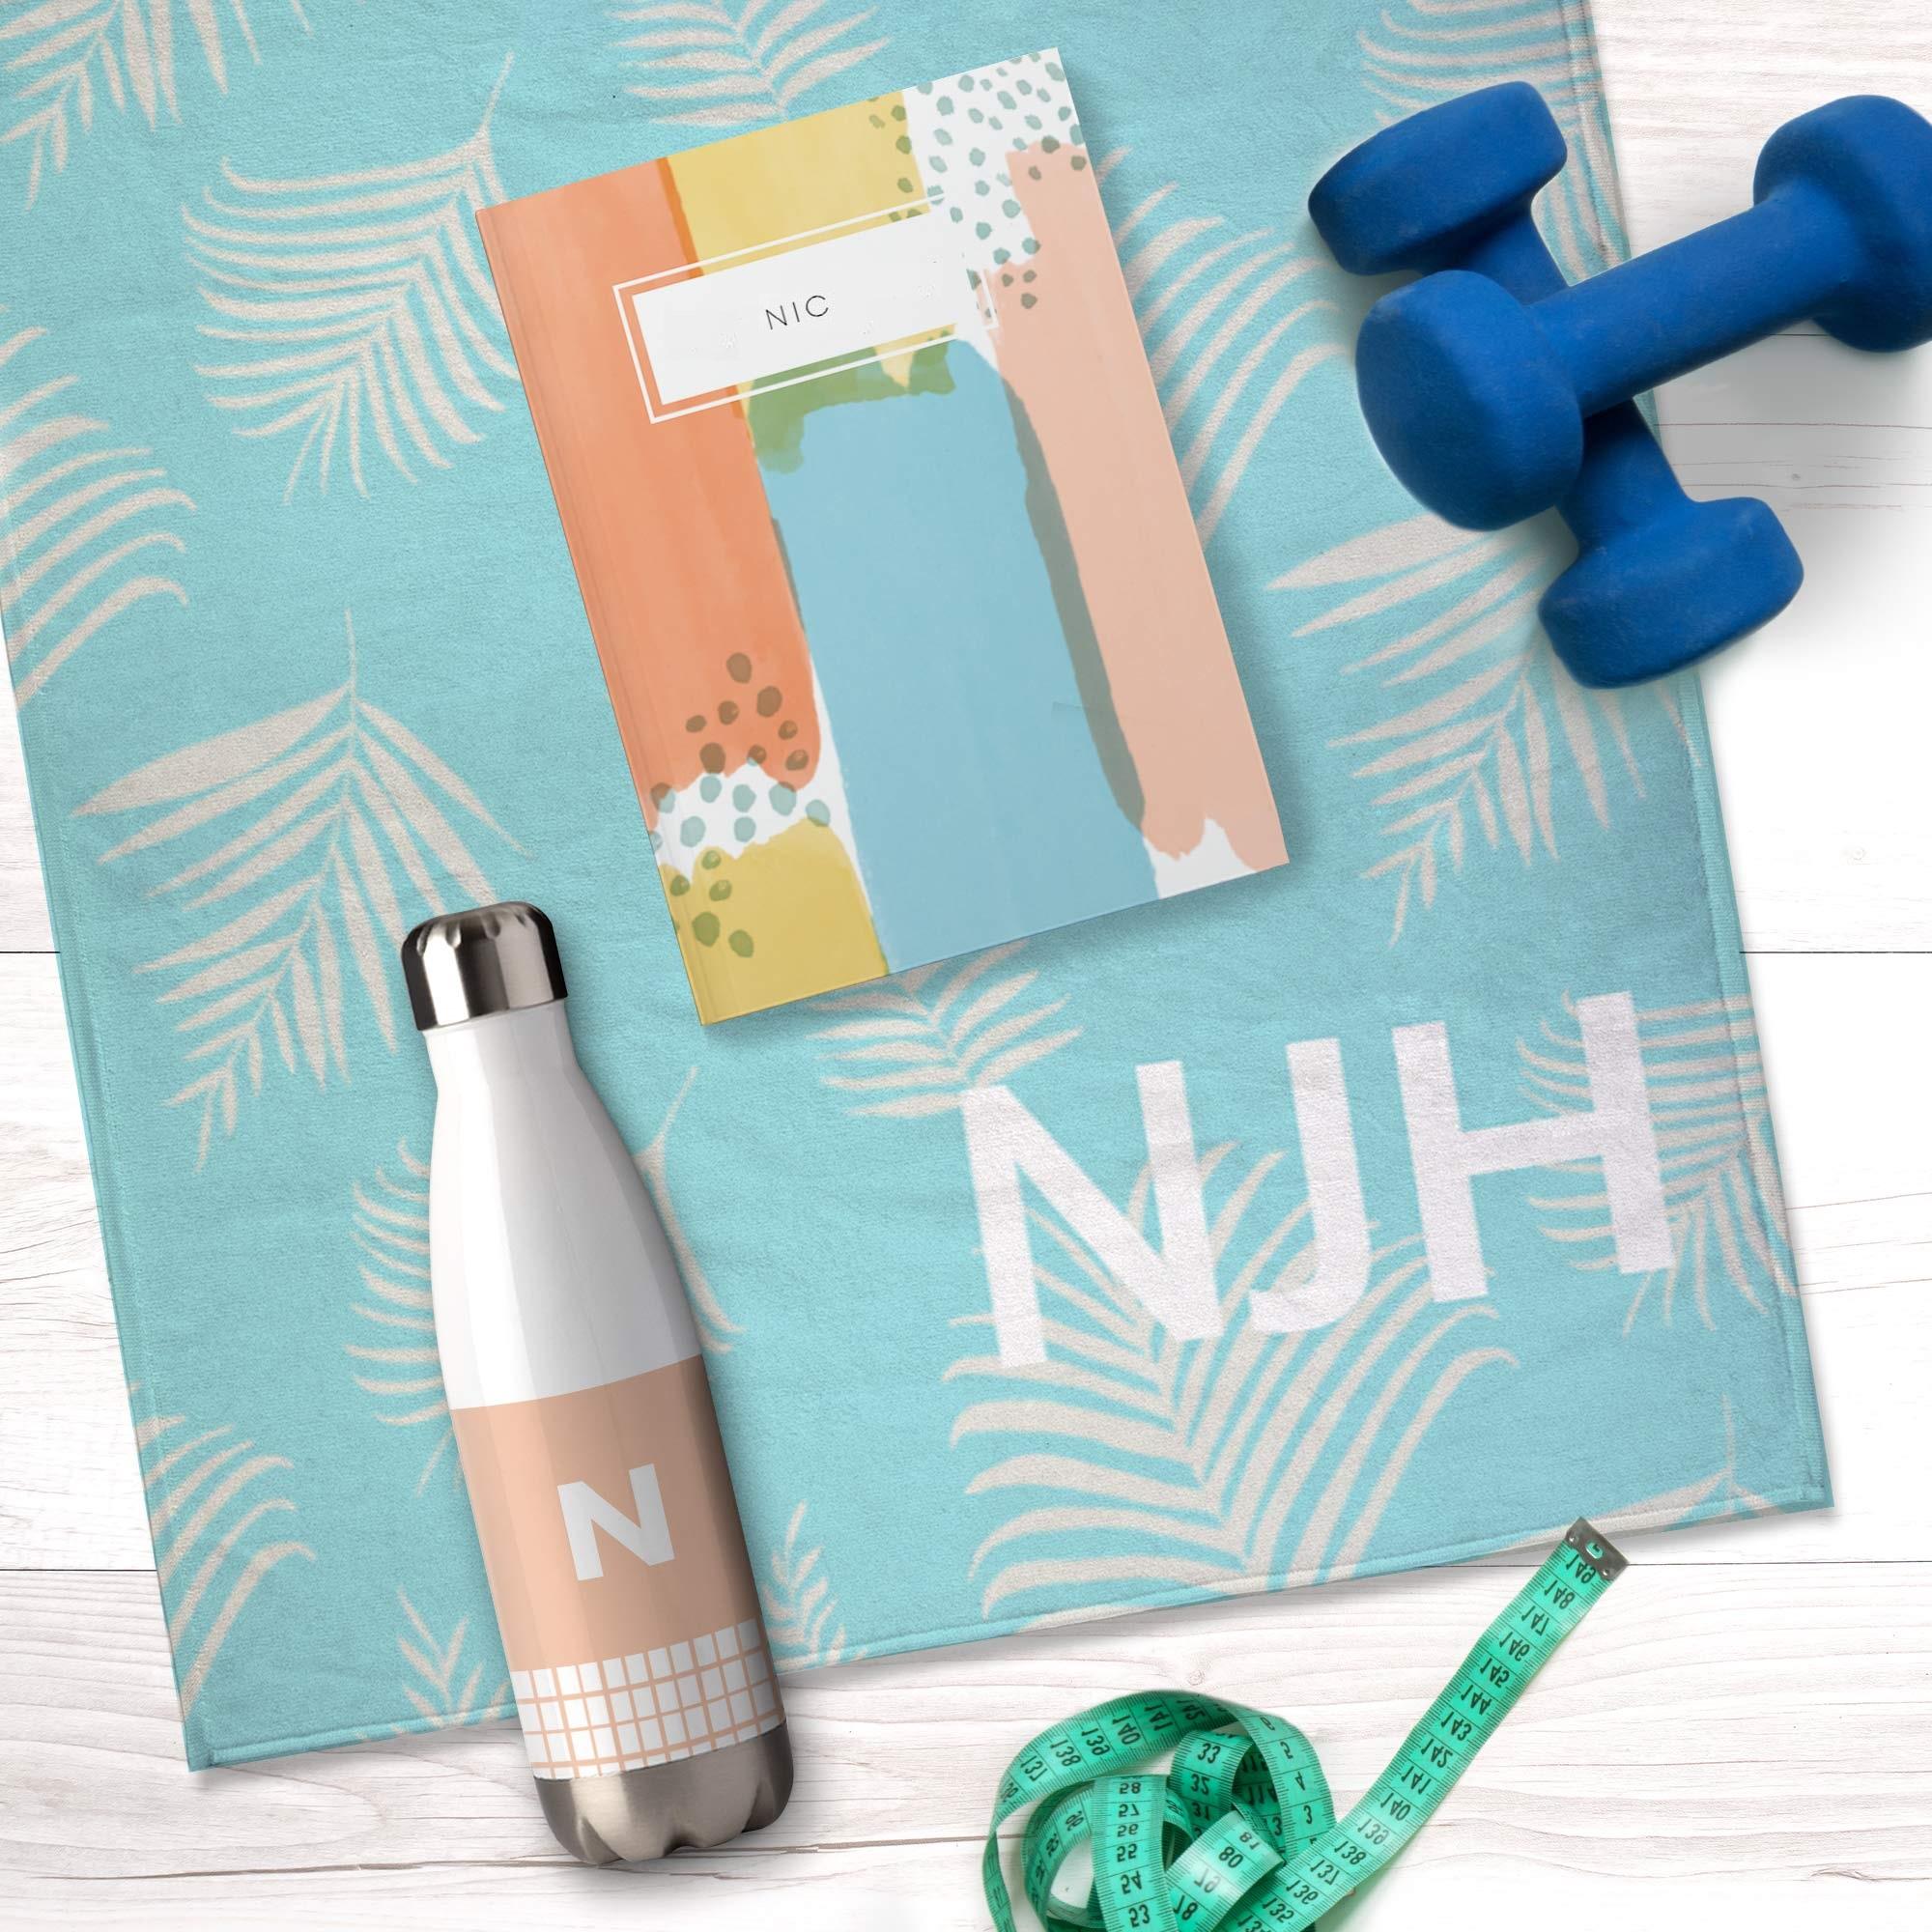 Trinkflasche, Handtuch, Softcover-Notizbuch, Fotogeschenke, Snapfish